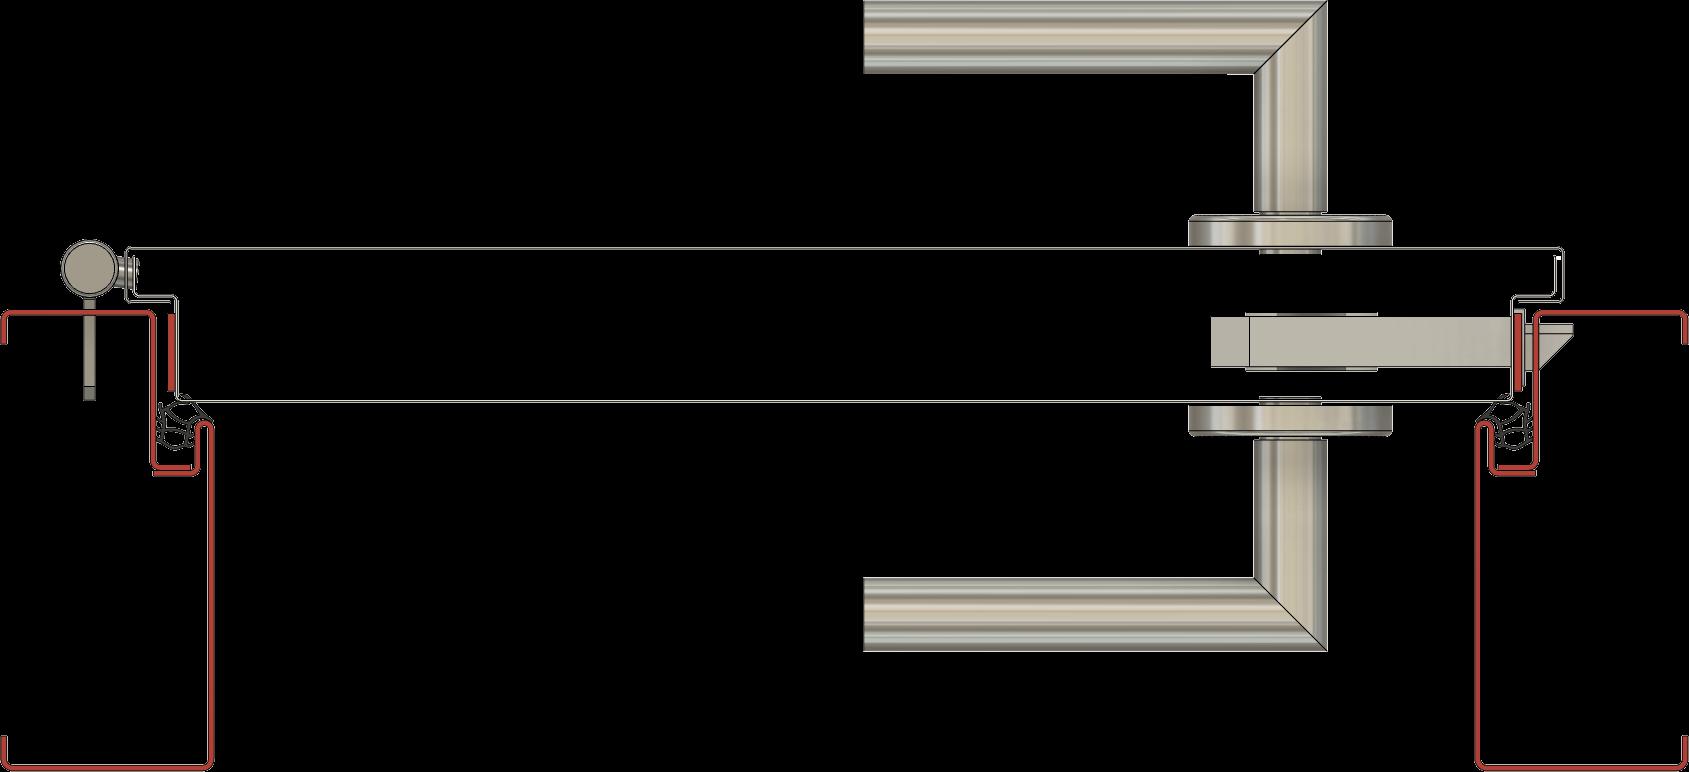 ocelové požarní dveře hse s polodrážkou